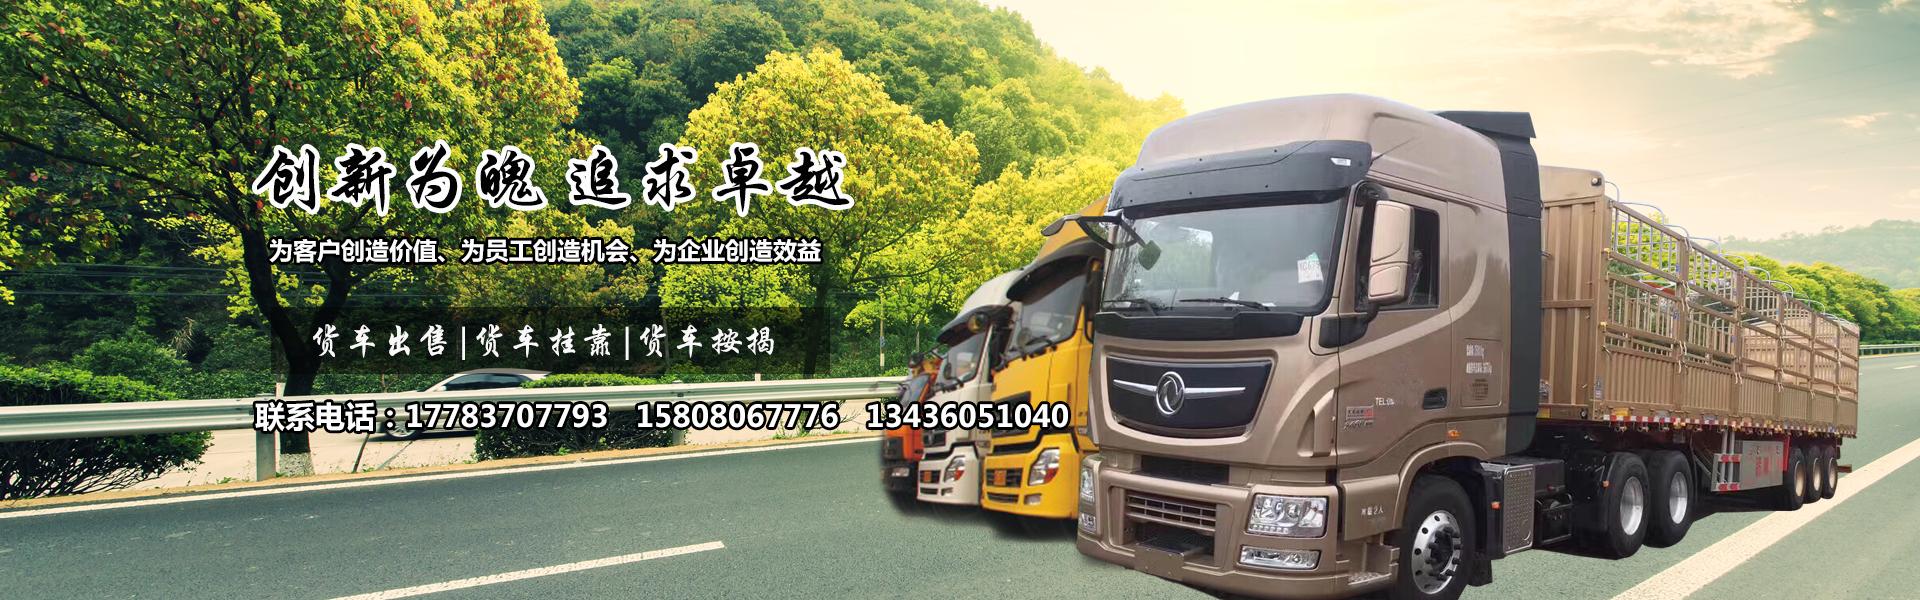 丰圣卡车专注于货车出售,货车挂靠,货车按揭